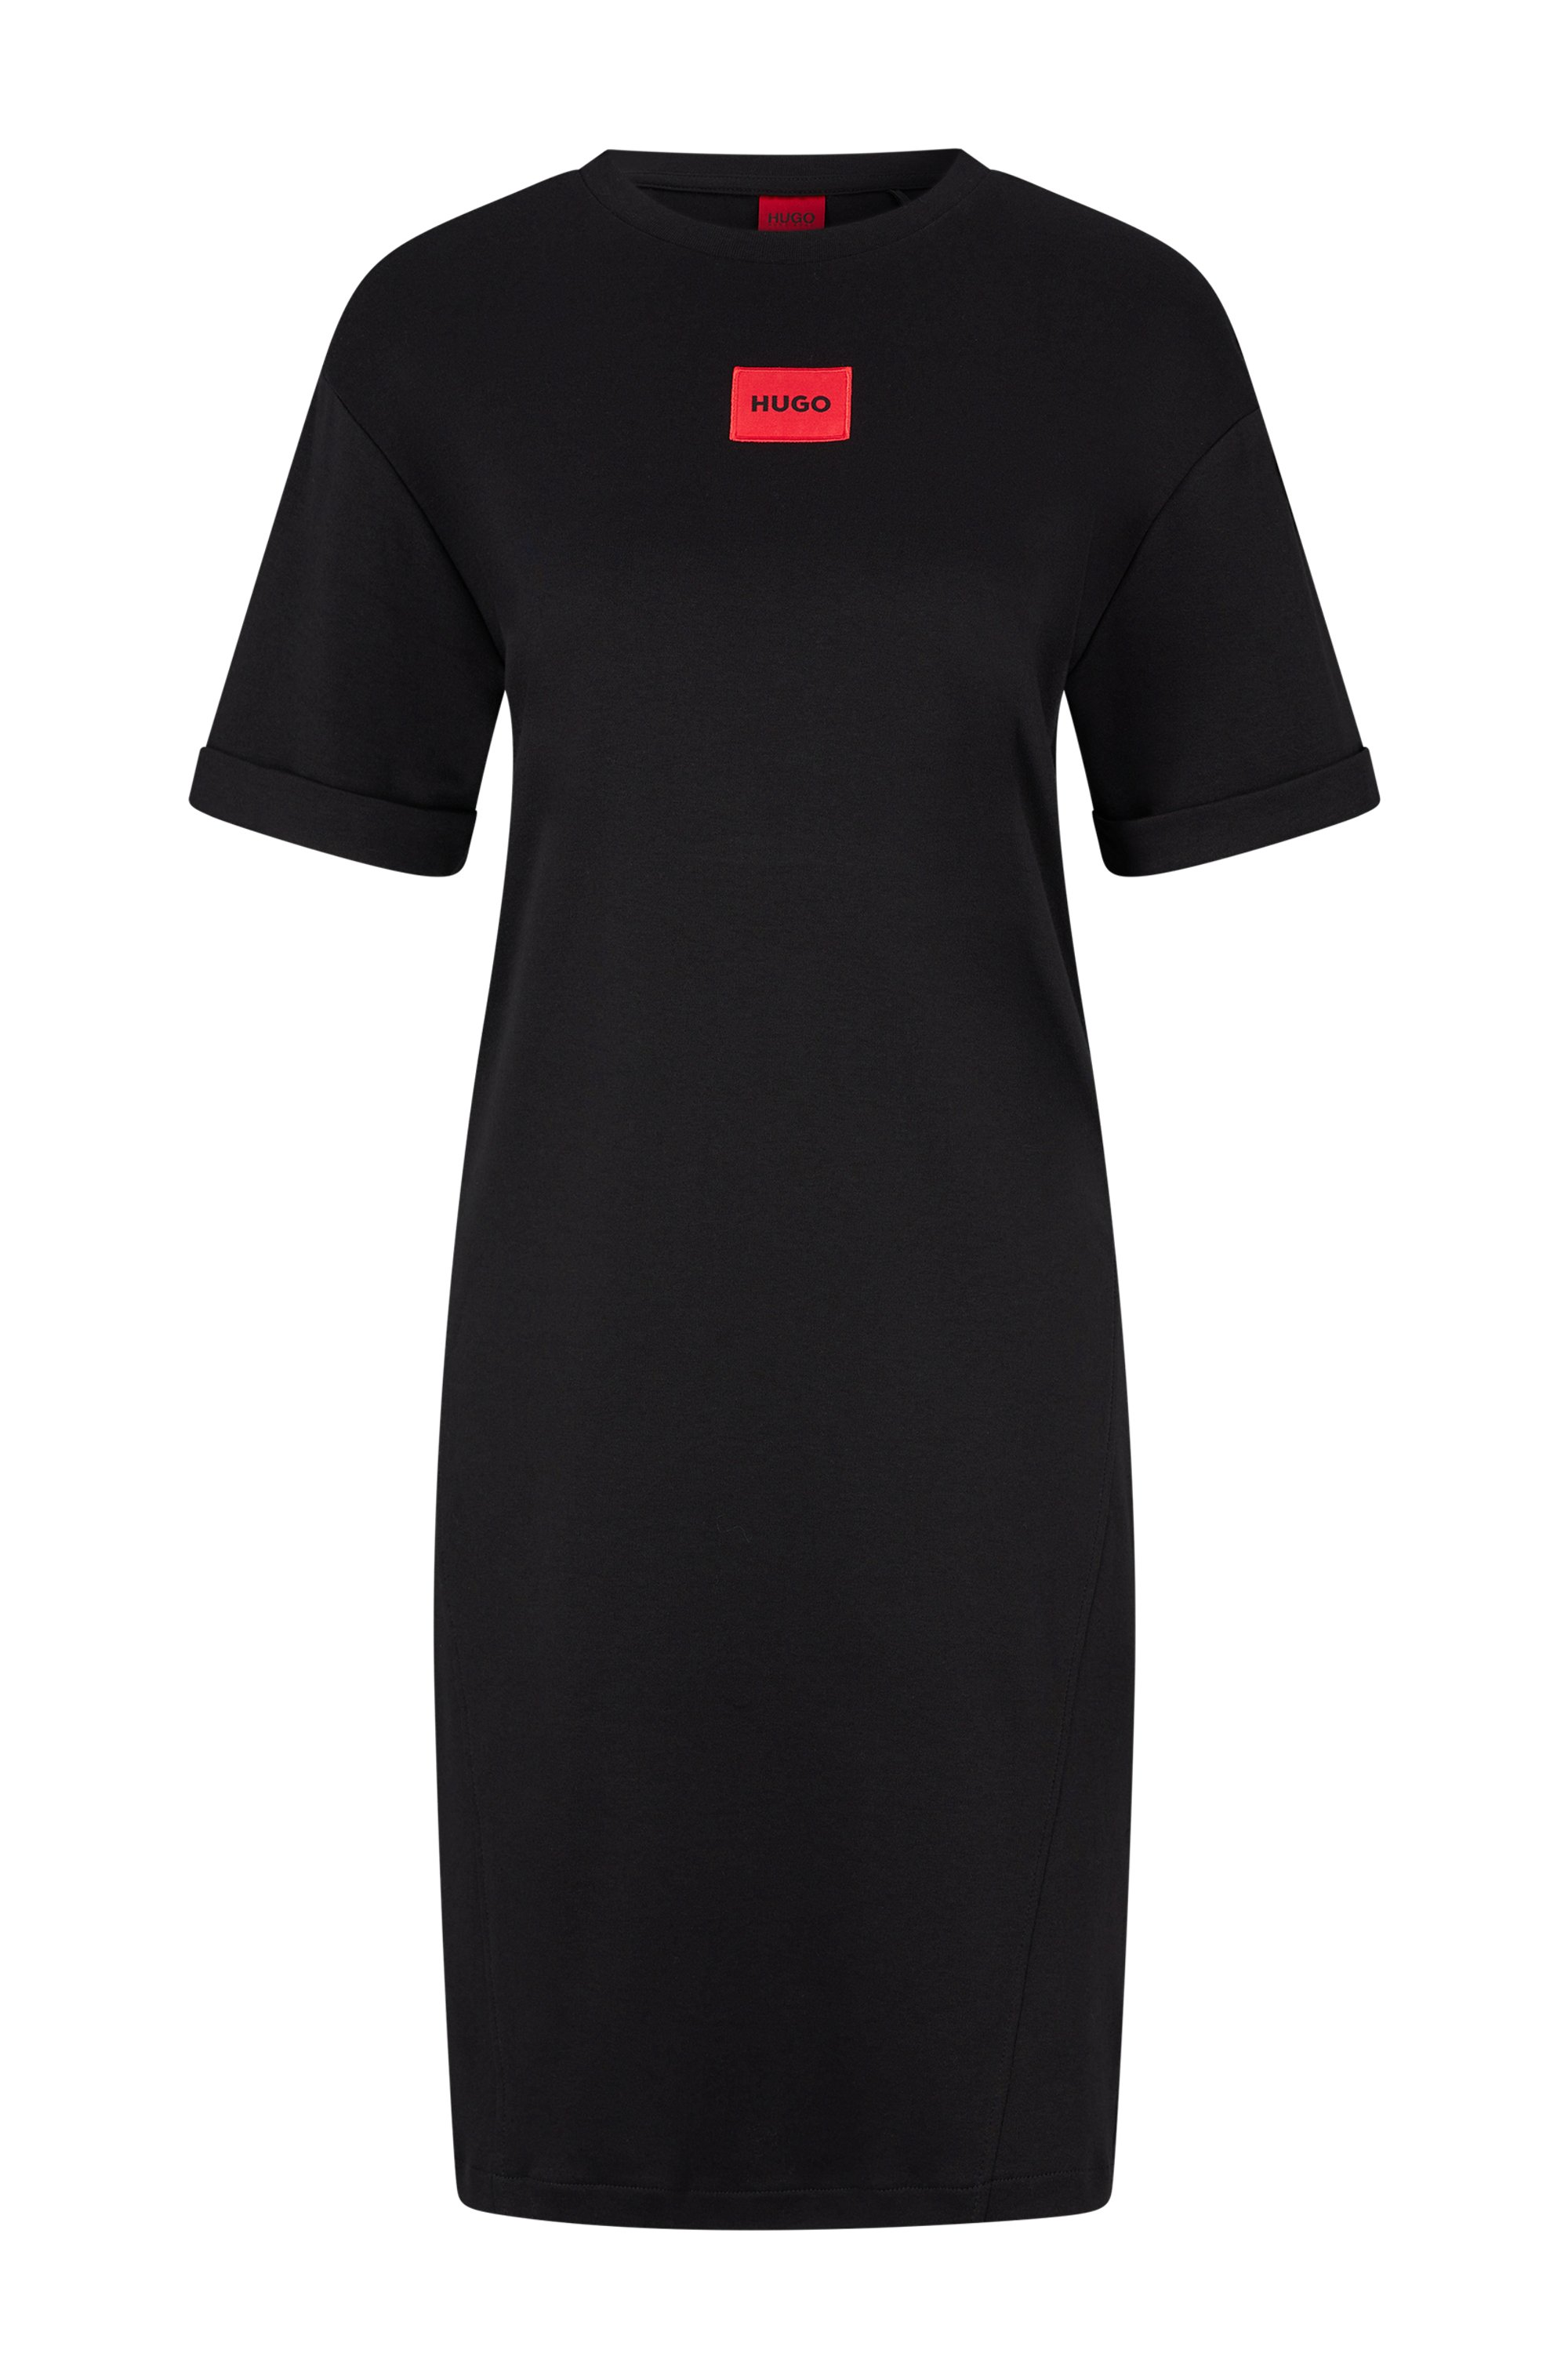 Robe t-shirt en coton interlock avec étiquette logo rouge, Noir